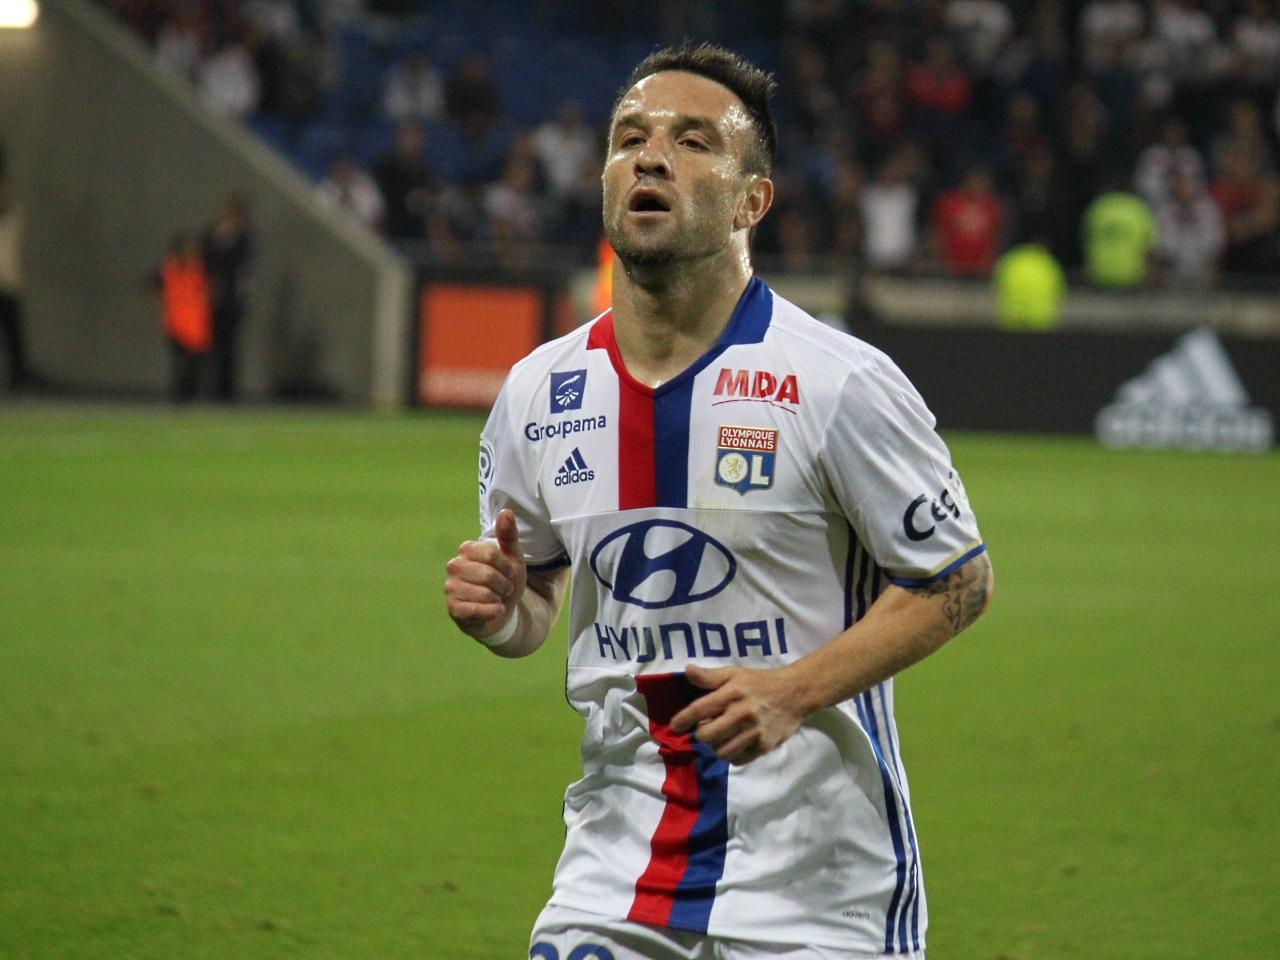 Ligue 1 - Lyon : Mathieu Valbuena, vers un départ ?